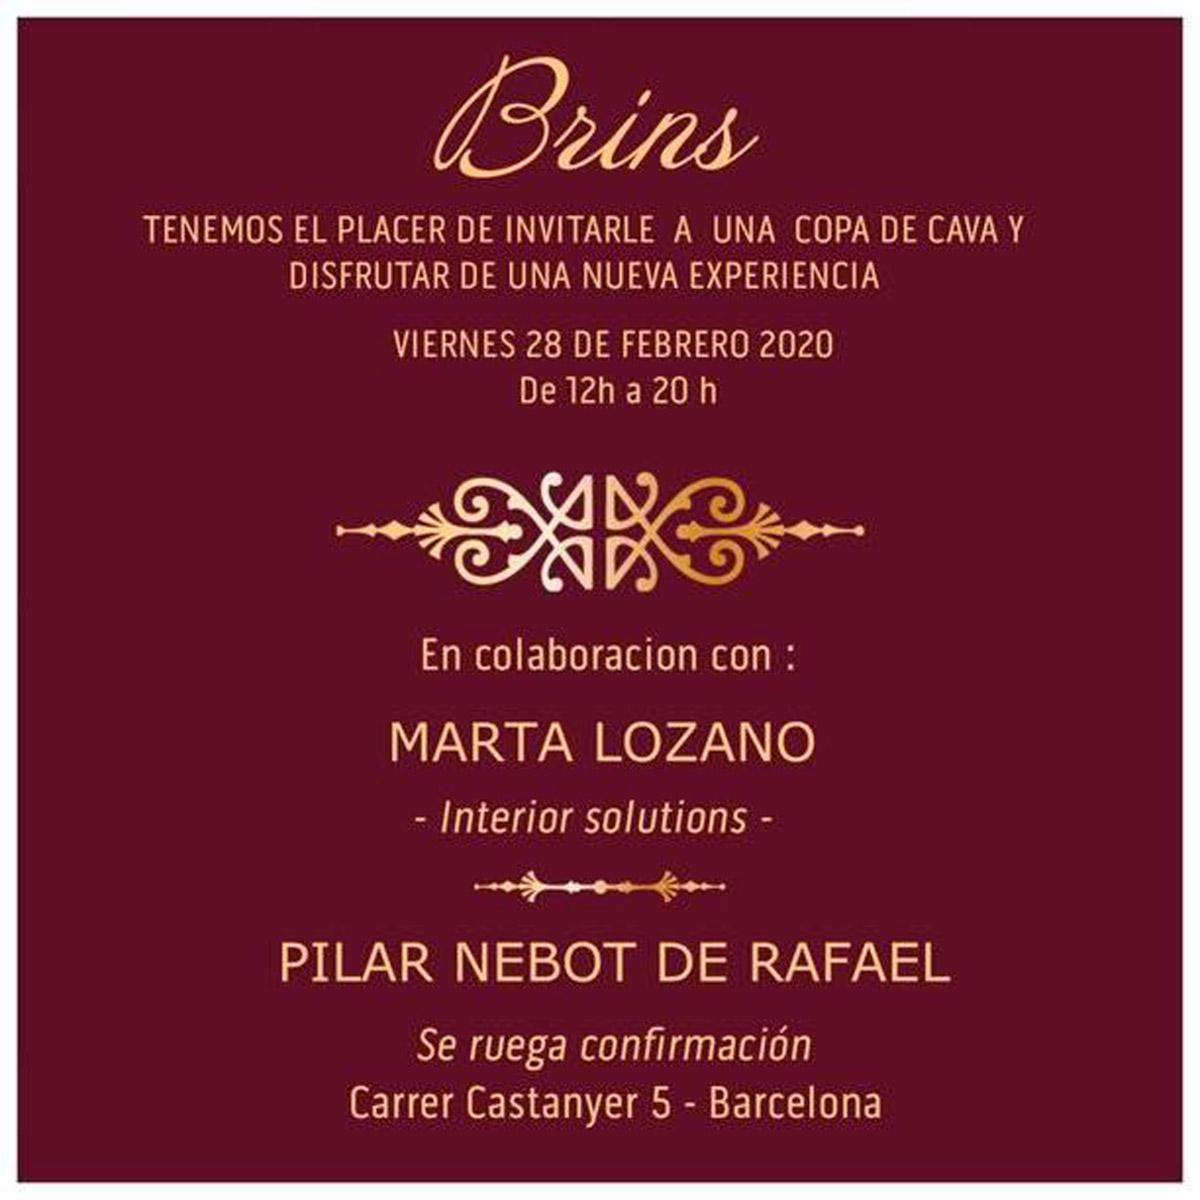 Pilar Nebot de Rafael en Brins